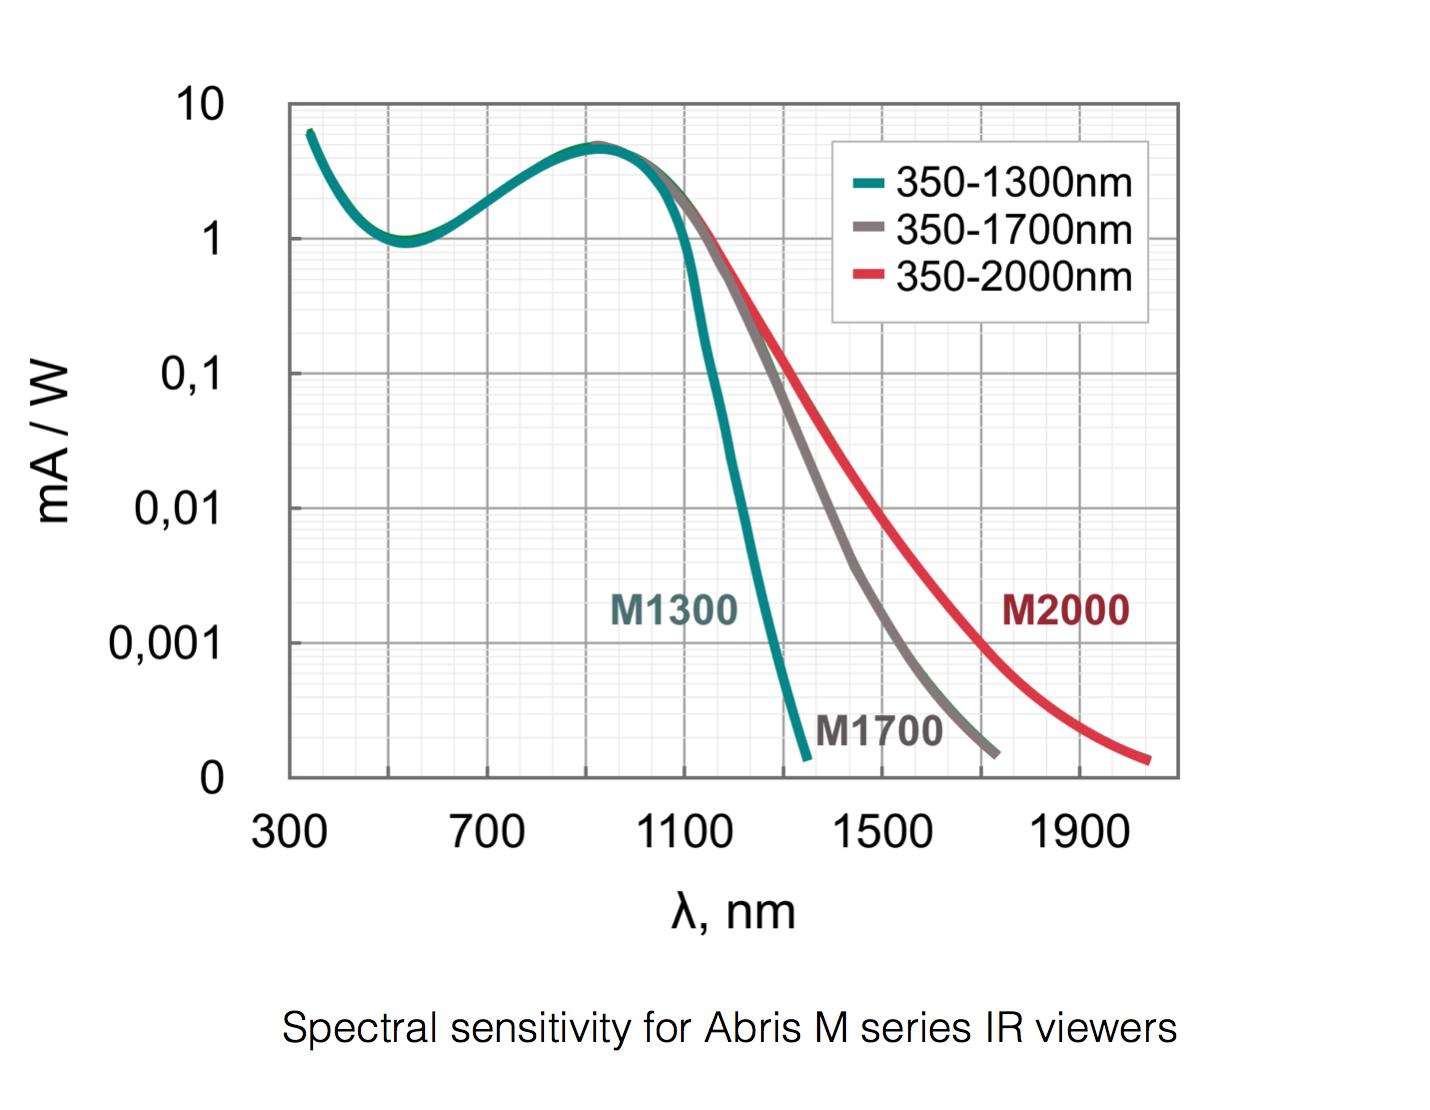 Abris-M spectral response